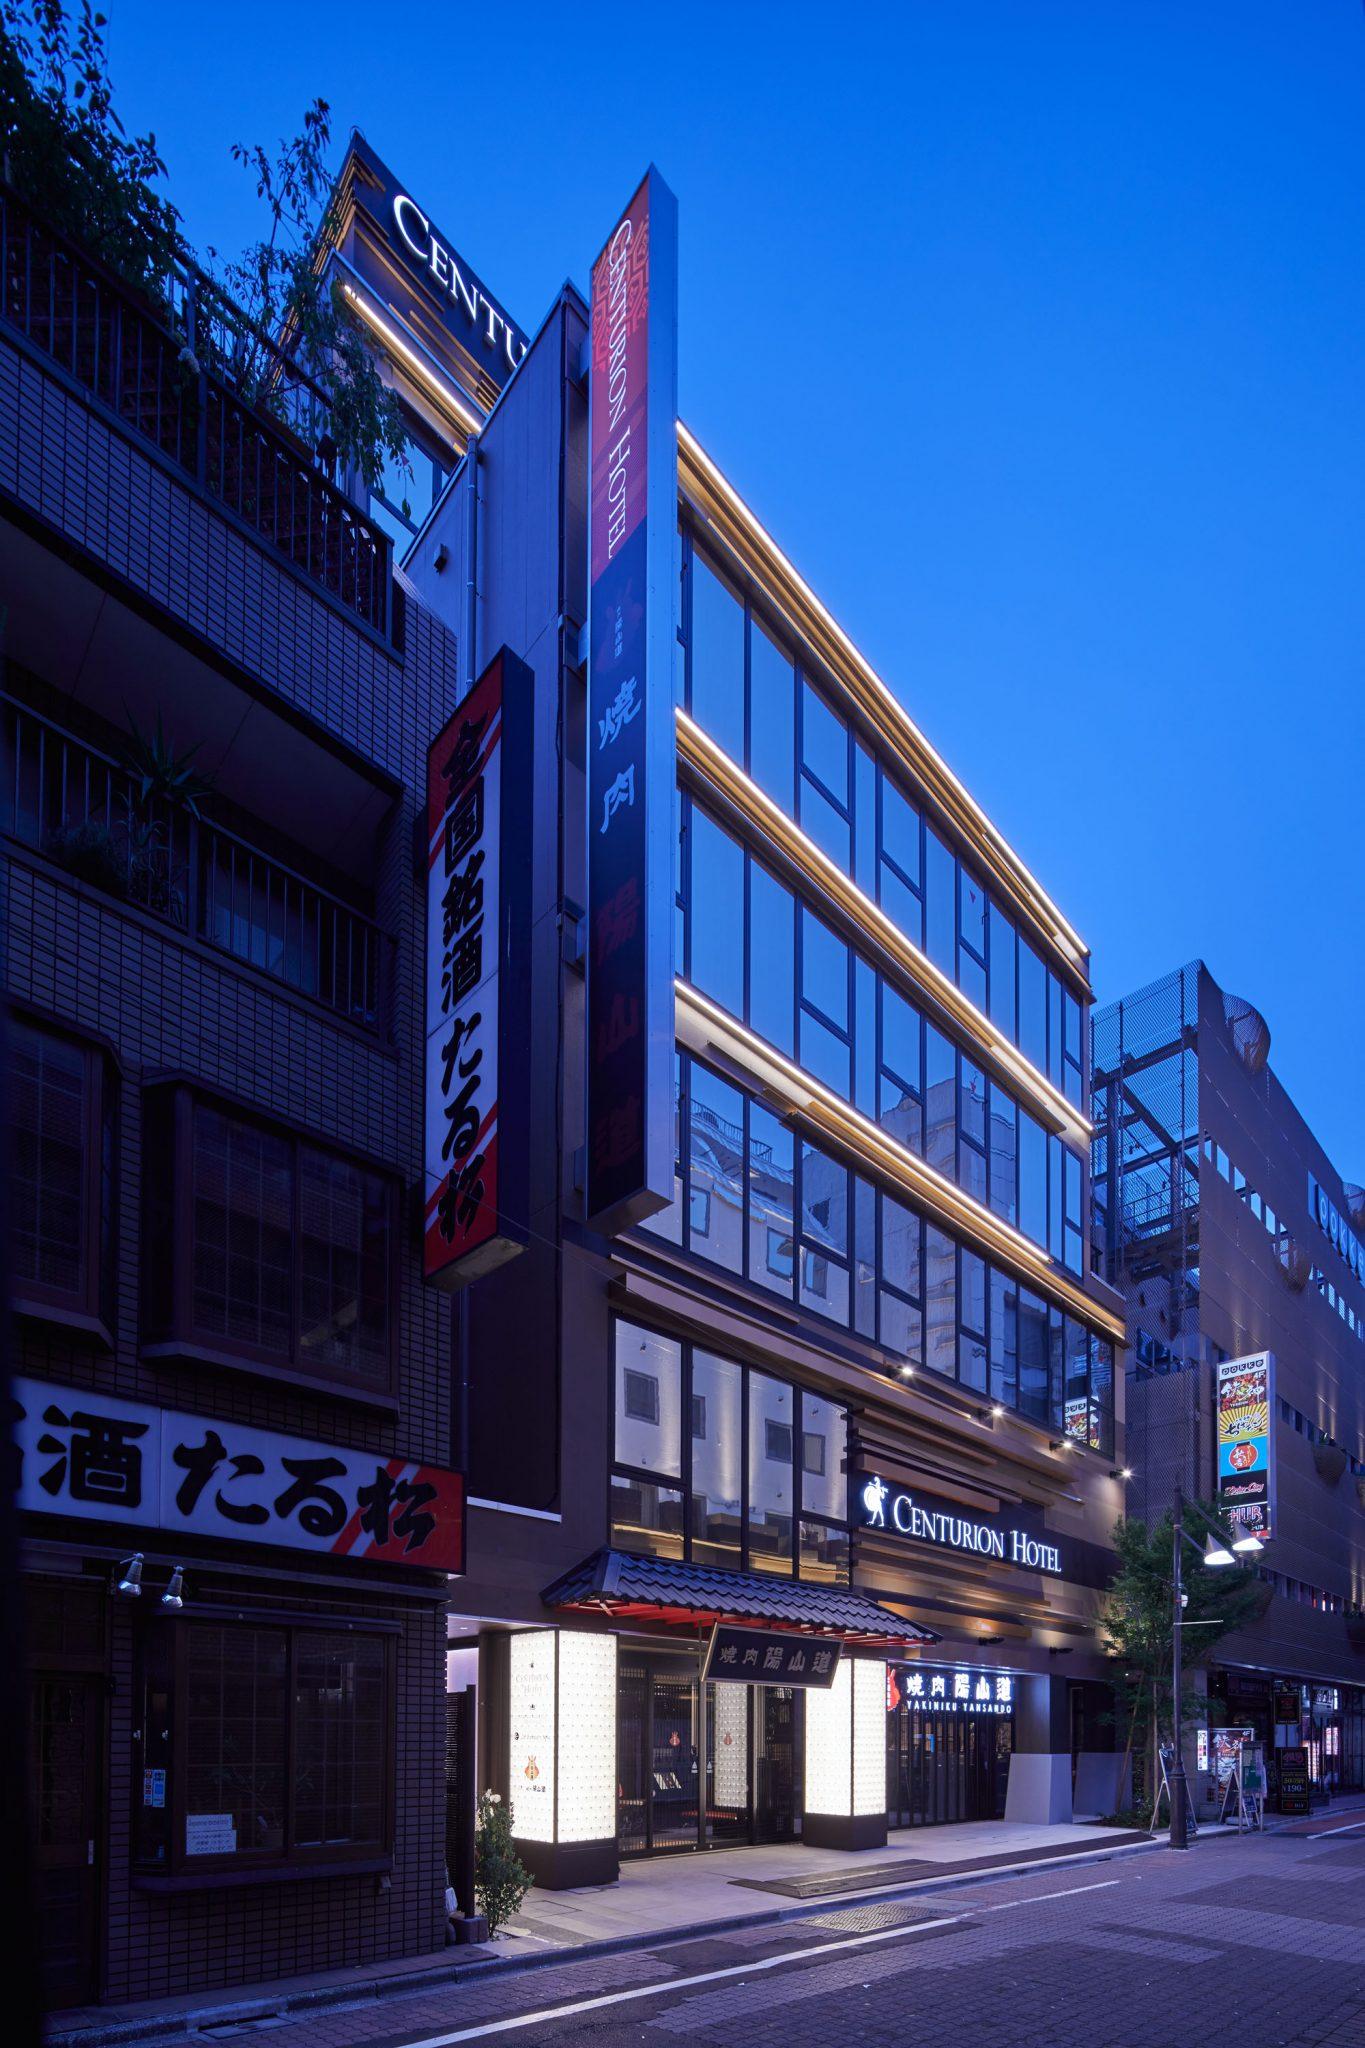 センチュリオンホテル&スパ上野駅前 2017年7月新築グランドオープン!